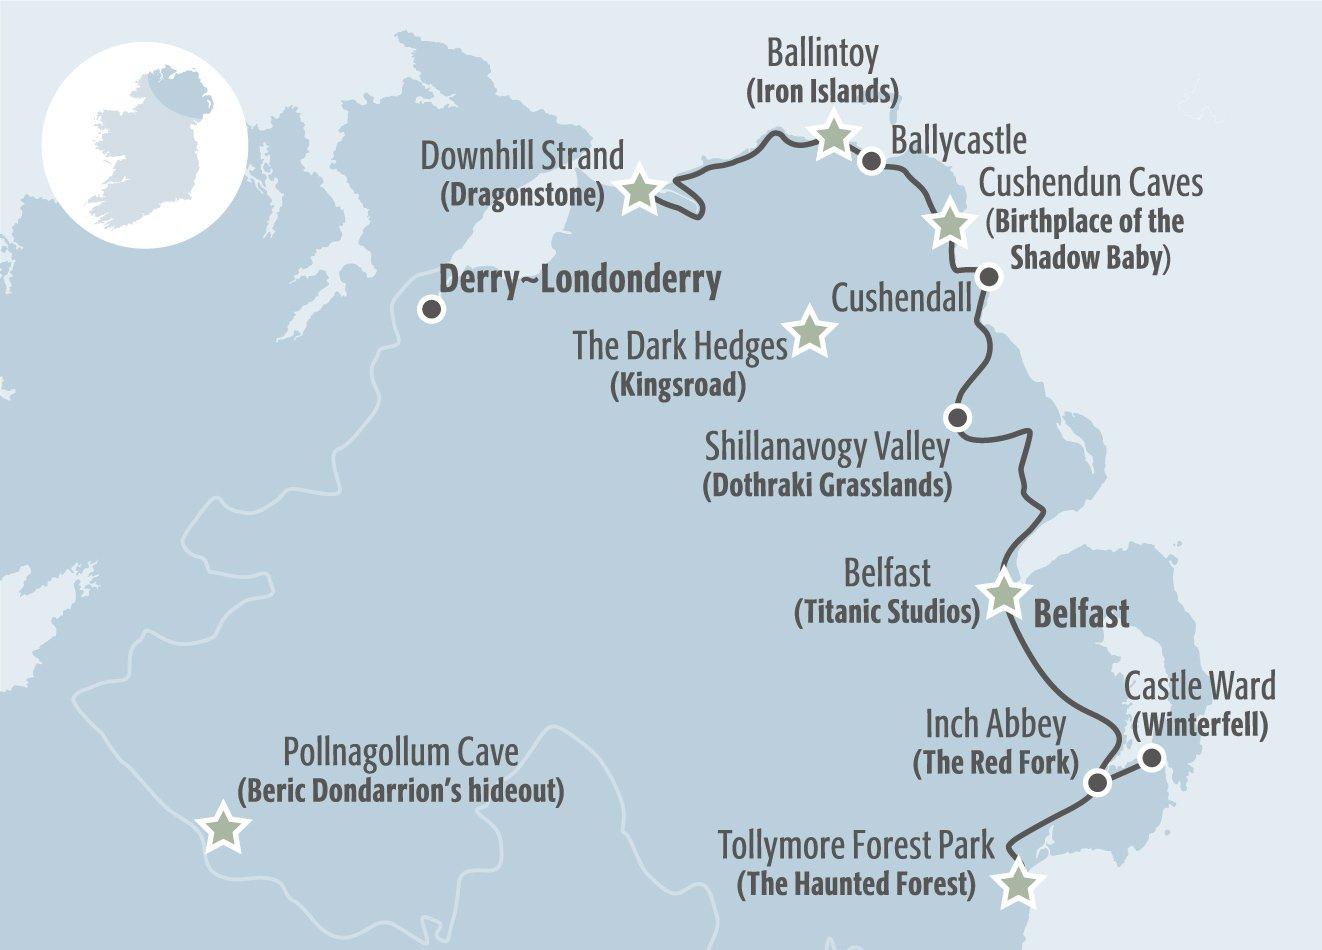 Mapa de las localizaciones de Juego de tronos en Irlanda del Norte facilitado por Turismo de Irlanda